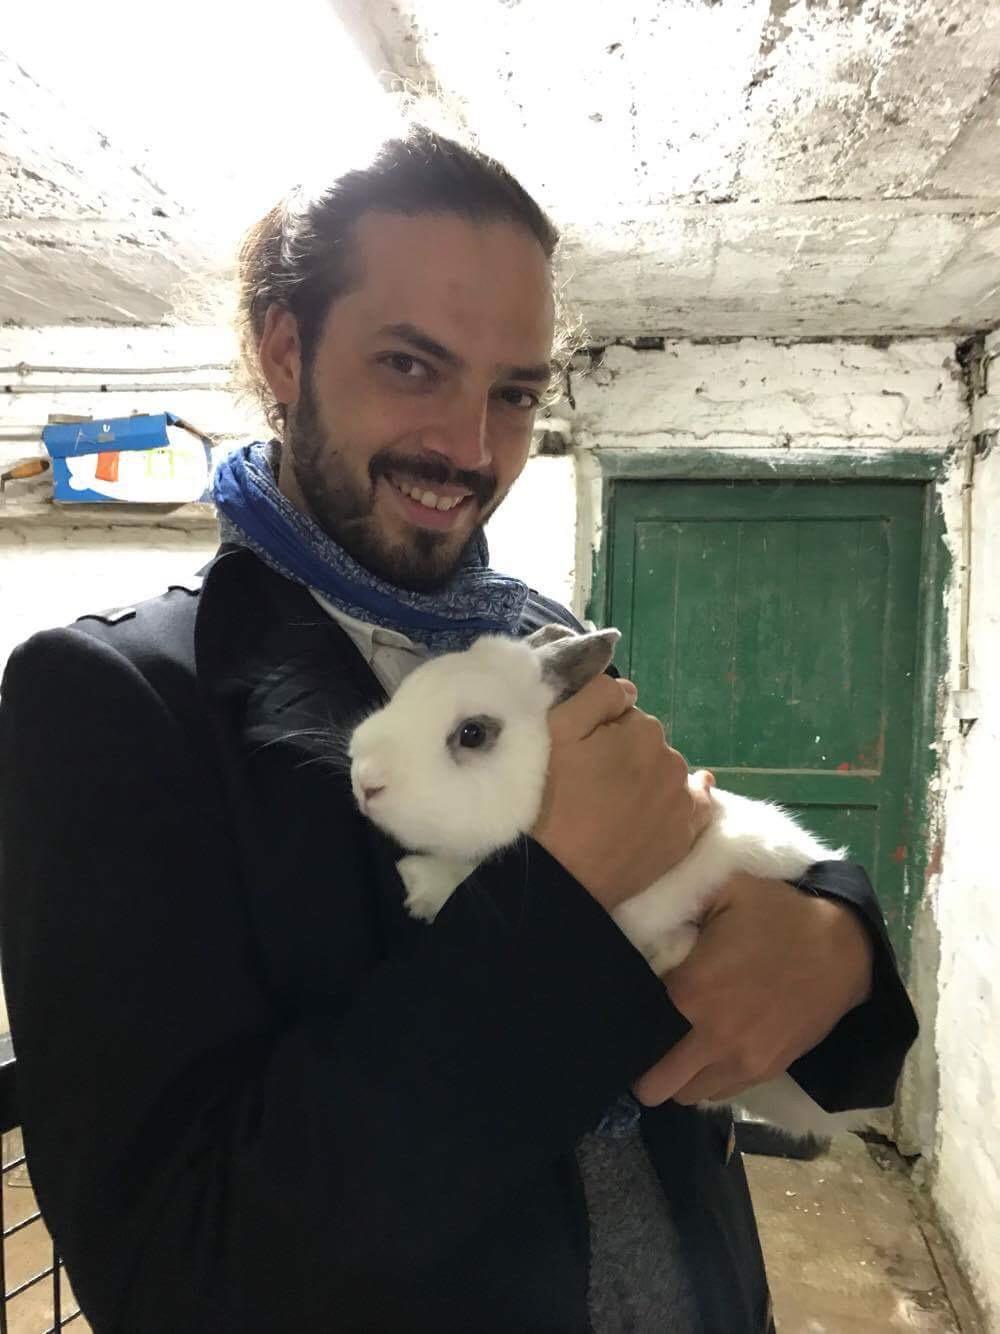 Le plus mignon des lapins est un lapin, pas un humain (mais Greg arrive deuxième, devant une poule).